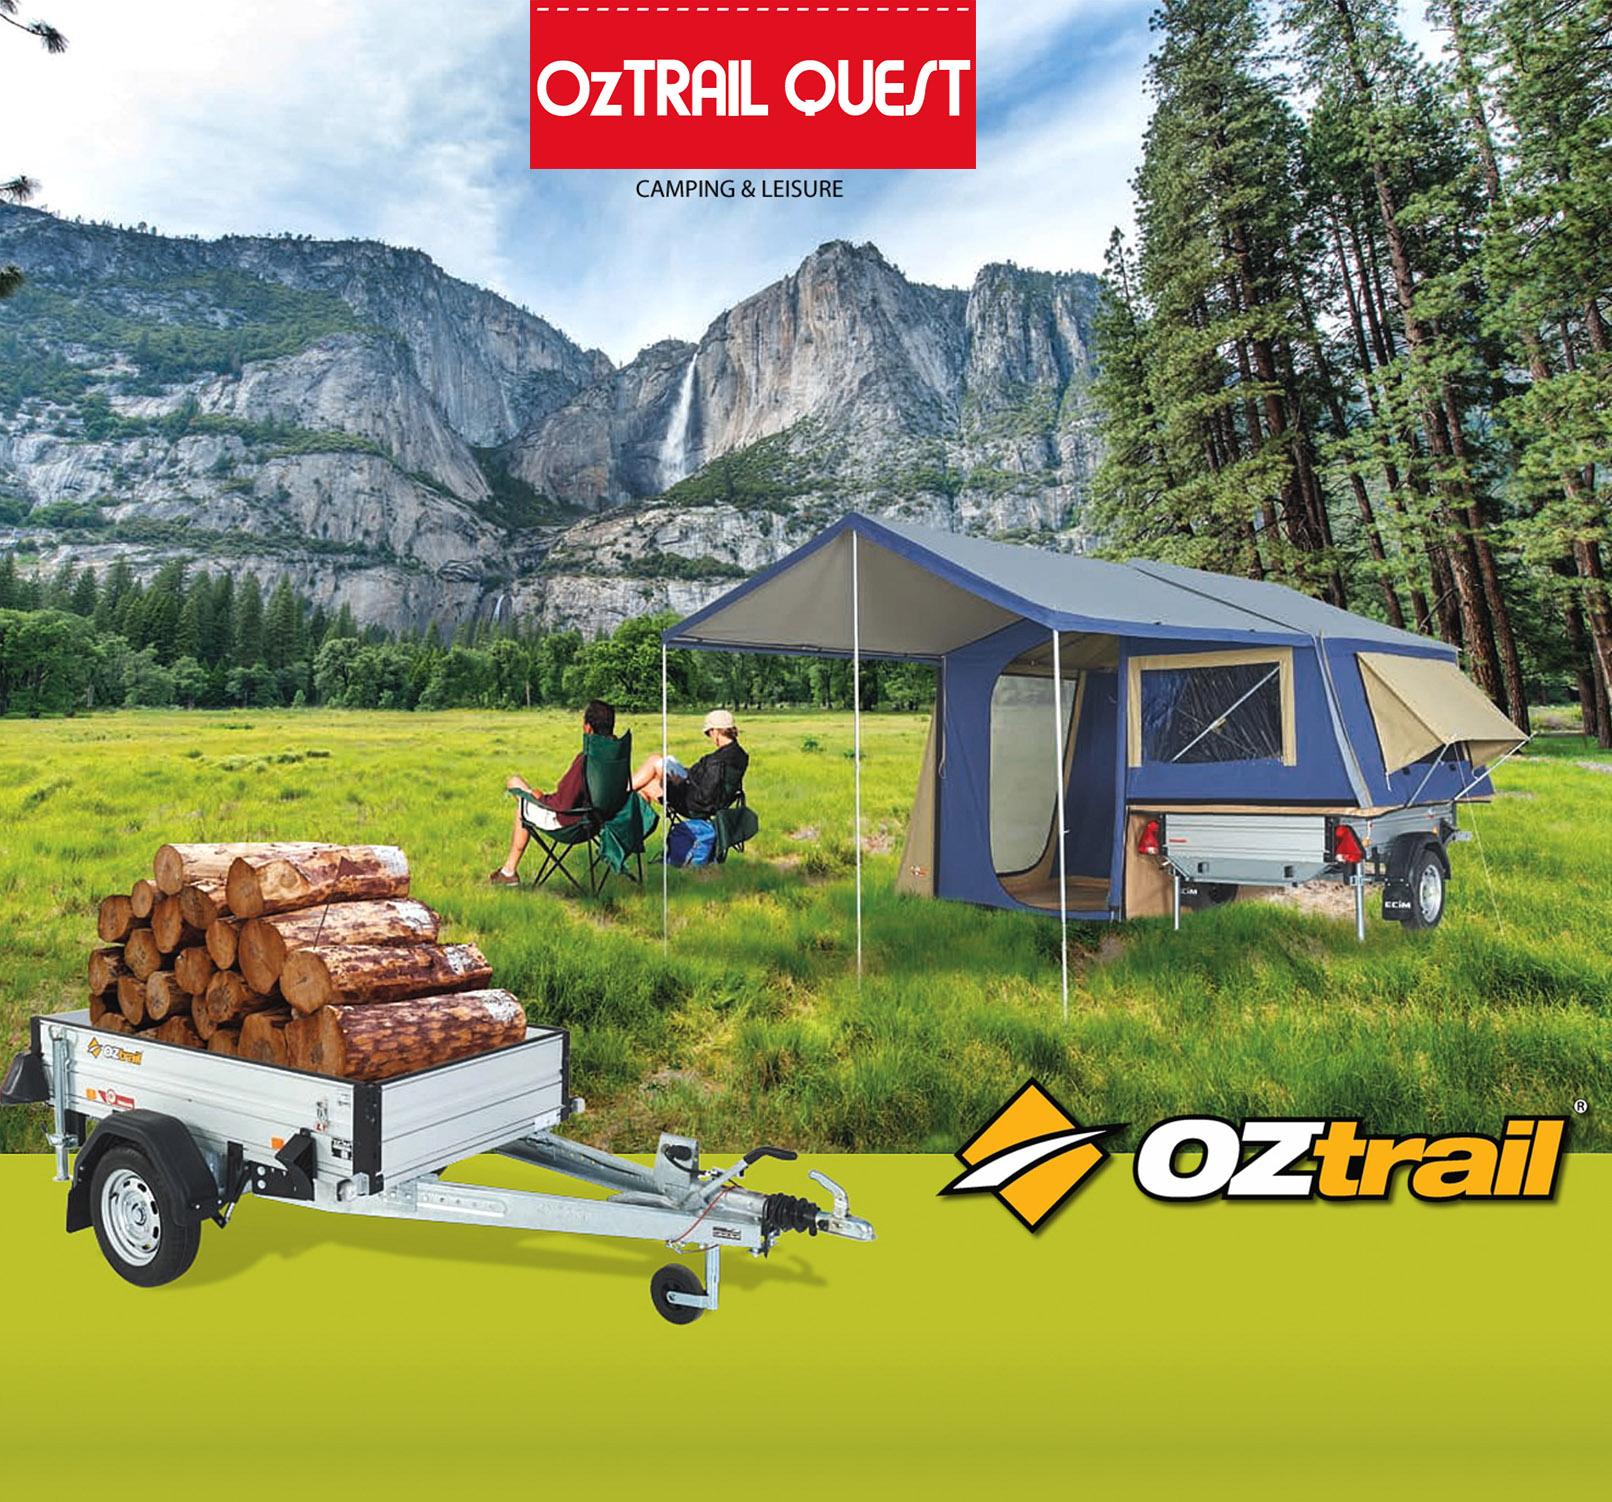 šotorske-kamp-počitniške-brako-camplet-prikolice-trigano-oztrail-quest-quest500-quest750